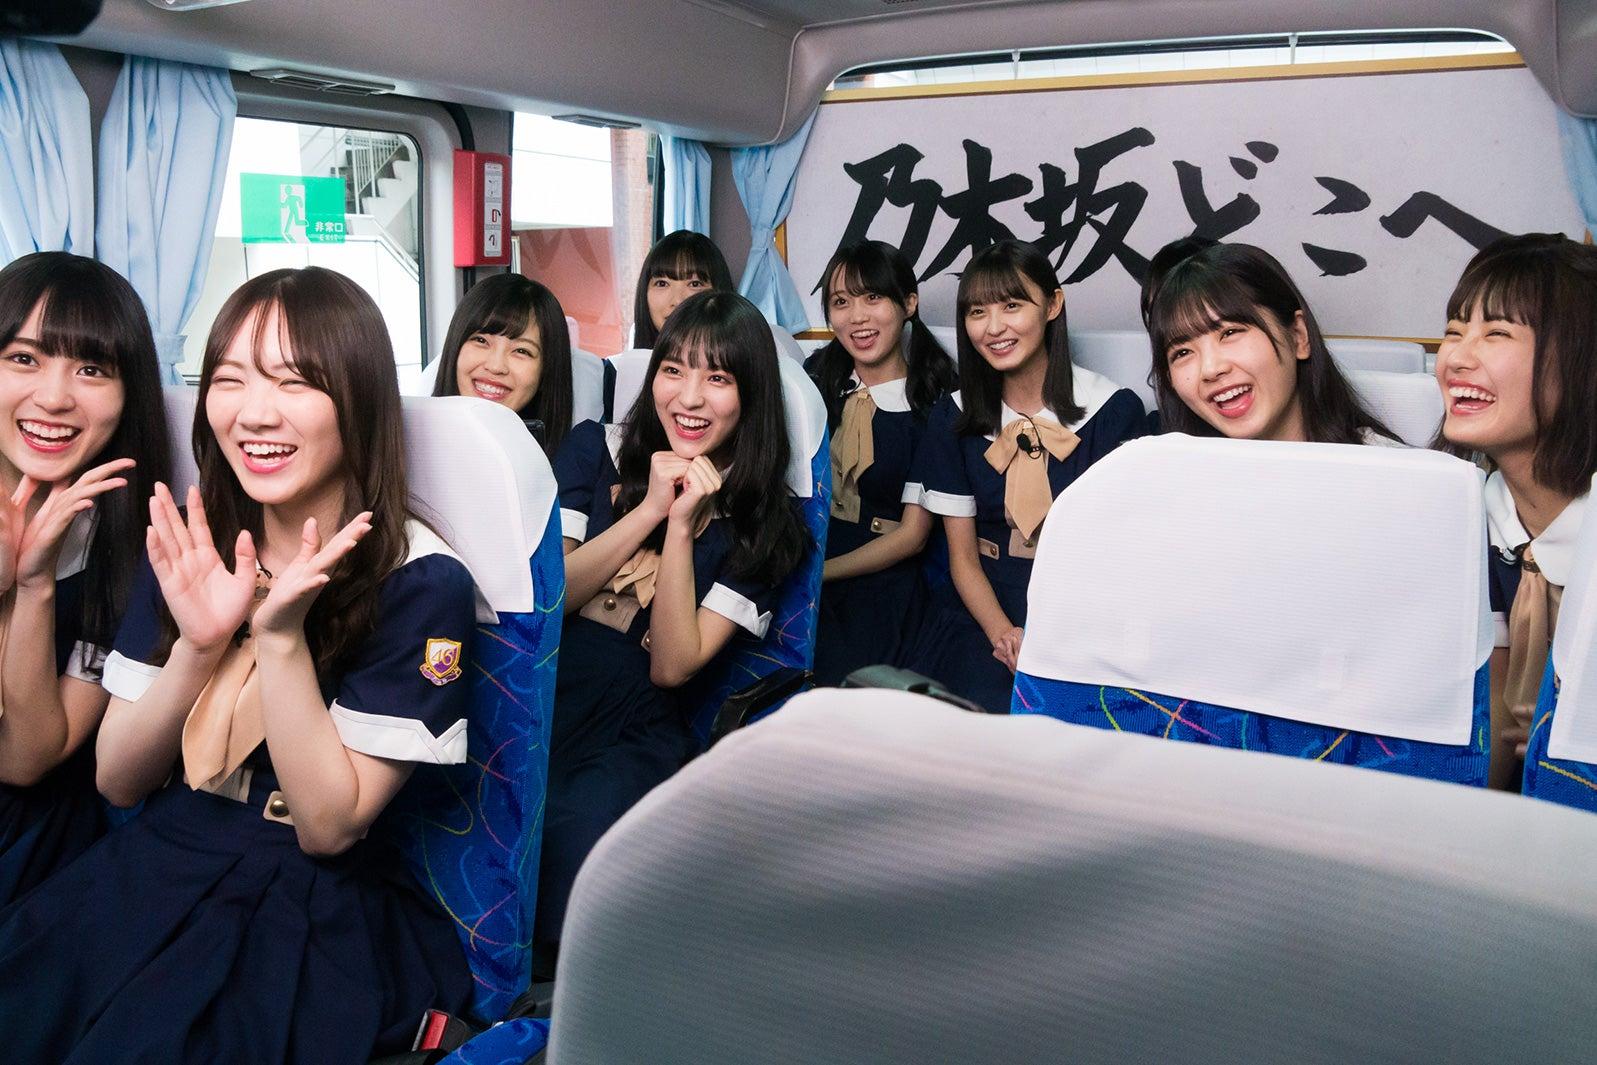 バス内の乃木坂4期生